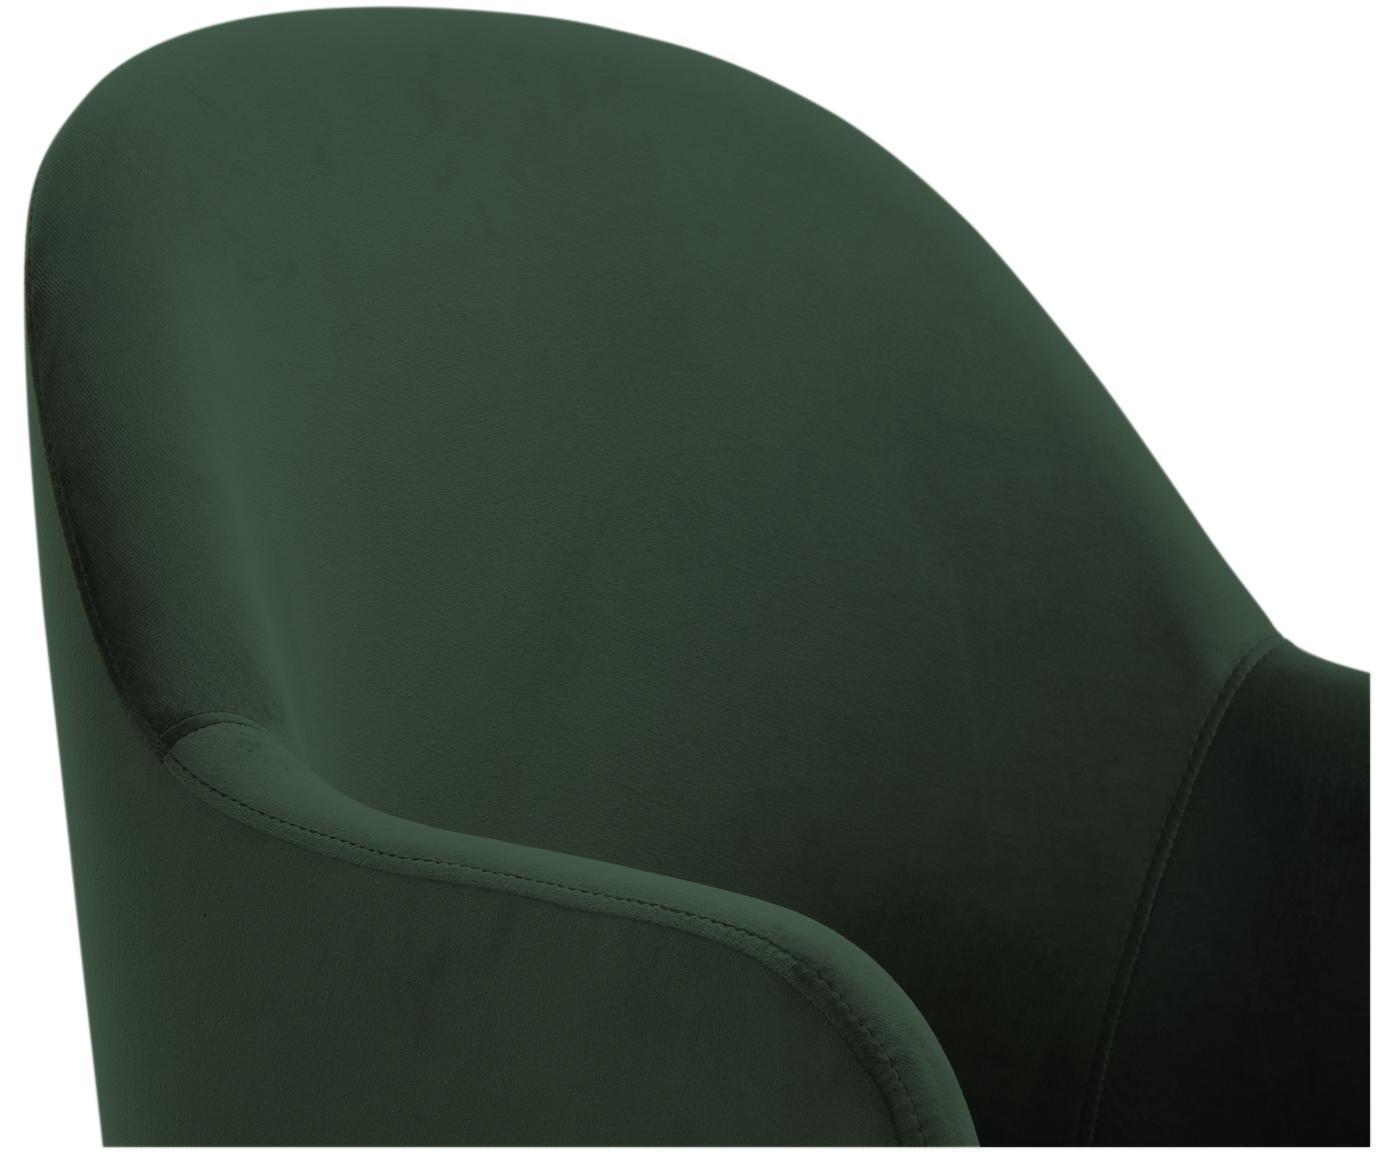 Fluwelen armstoel Rachel, Bekleding: fluweel (polyester), Poten: gepoedercoat metaal, Donkergroen, B 47 x D 64 cm